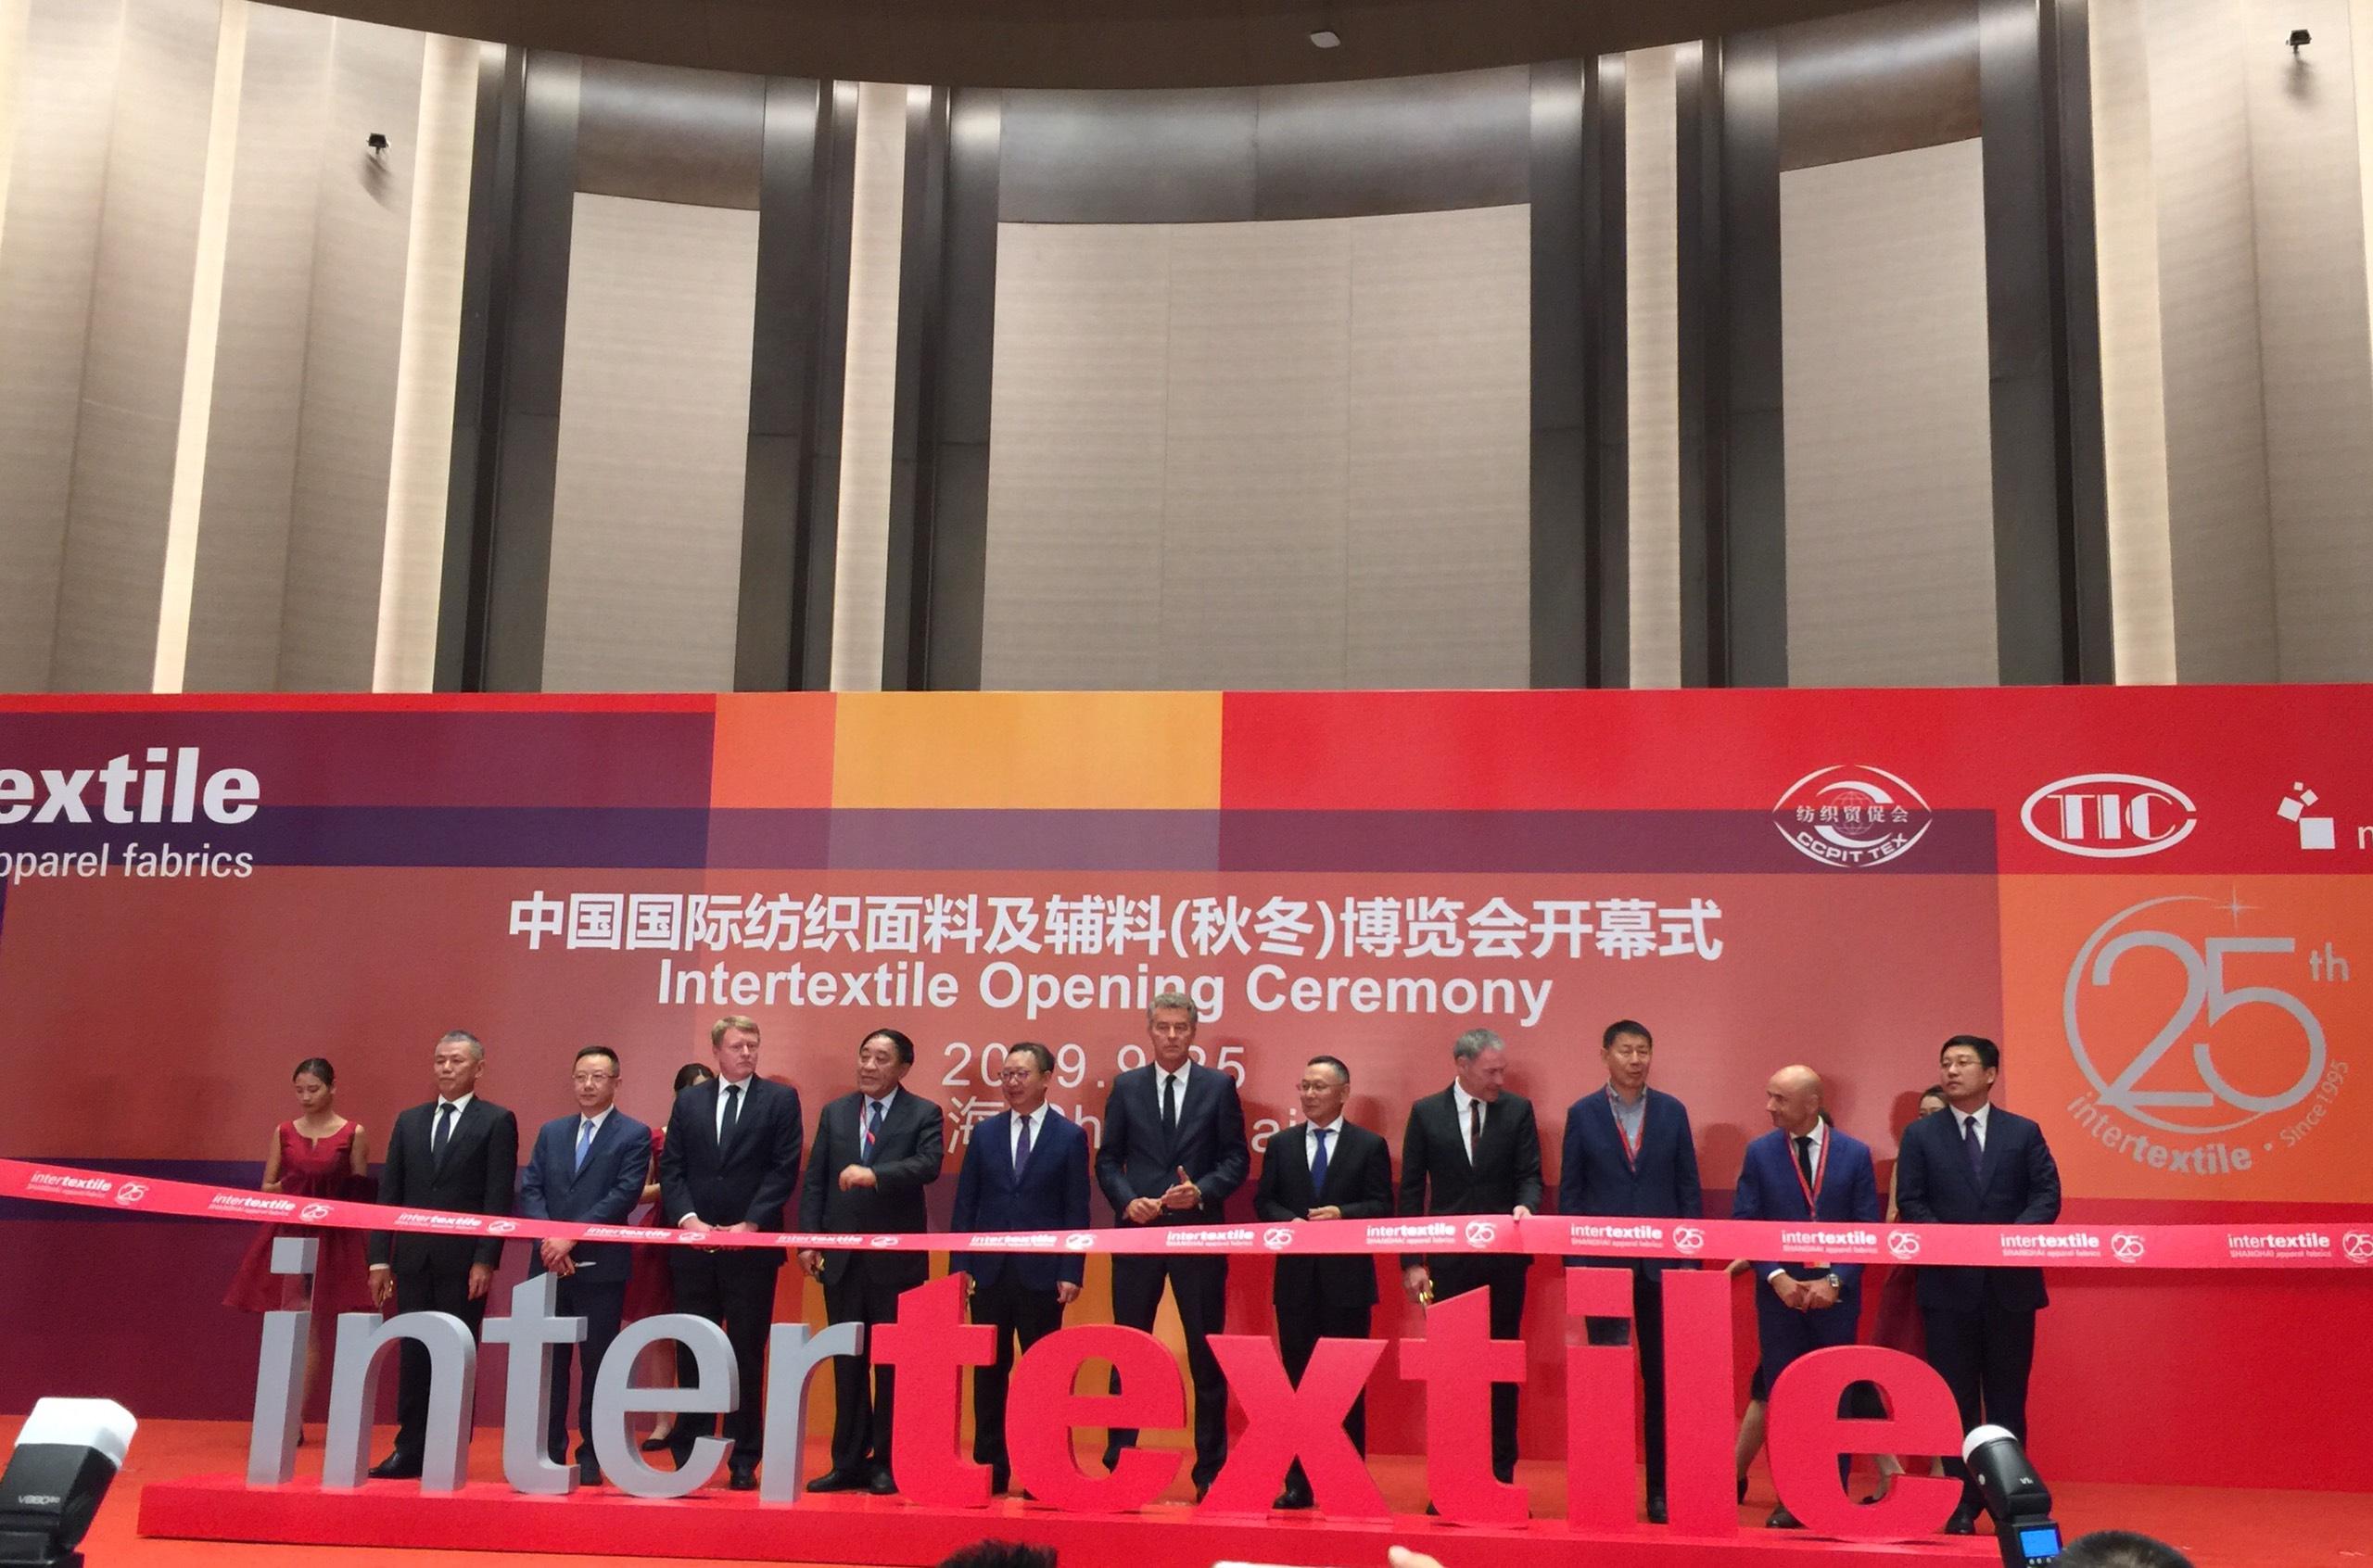 Hơn 4400 doanh nghiệp tham dự Intertextile Shanghai 2019